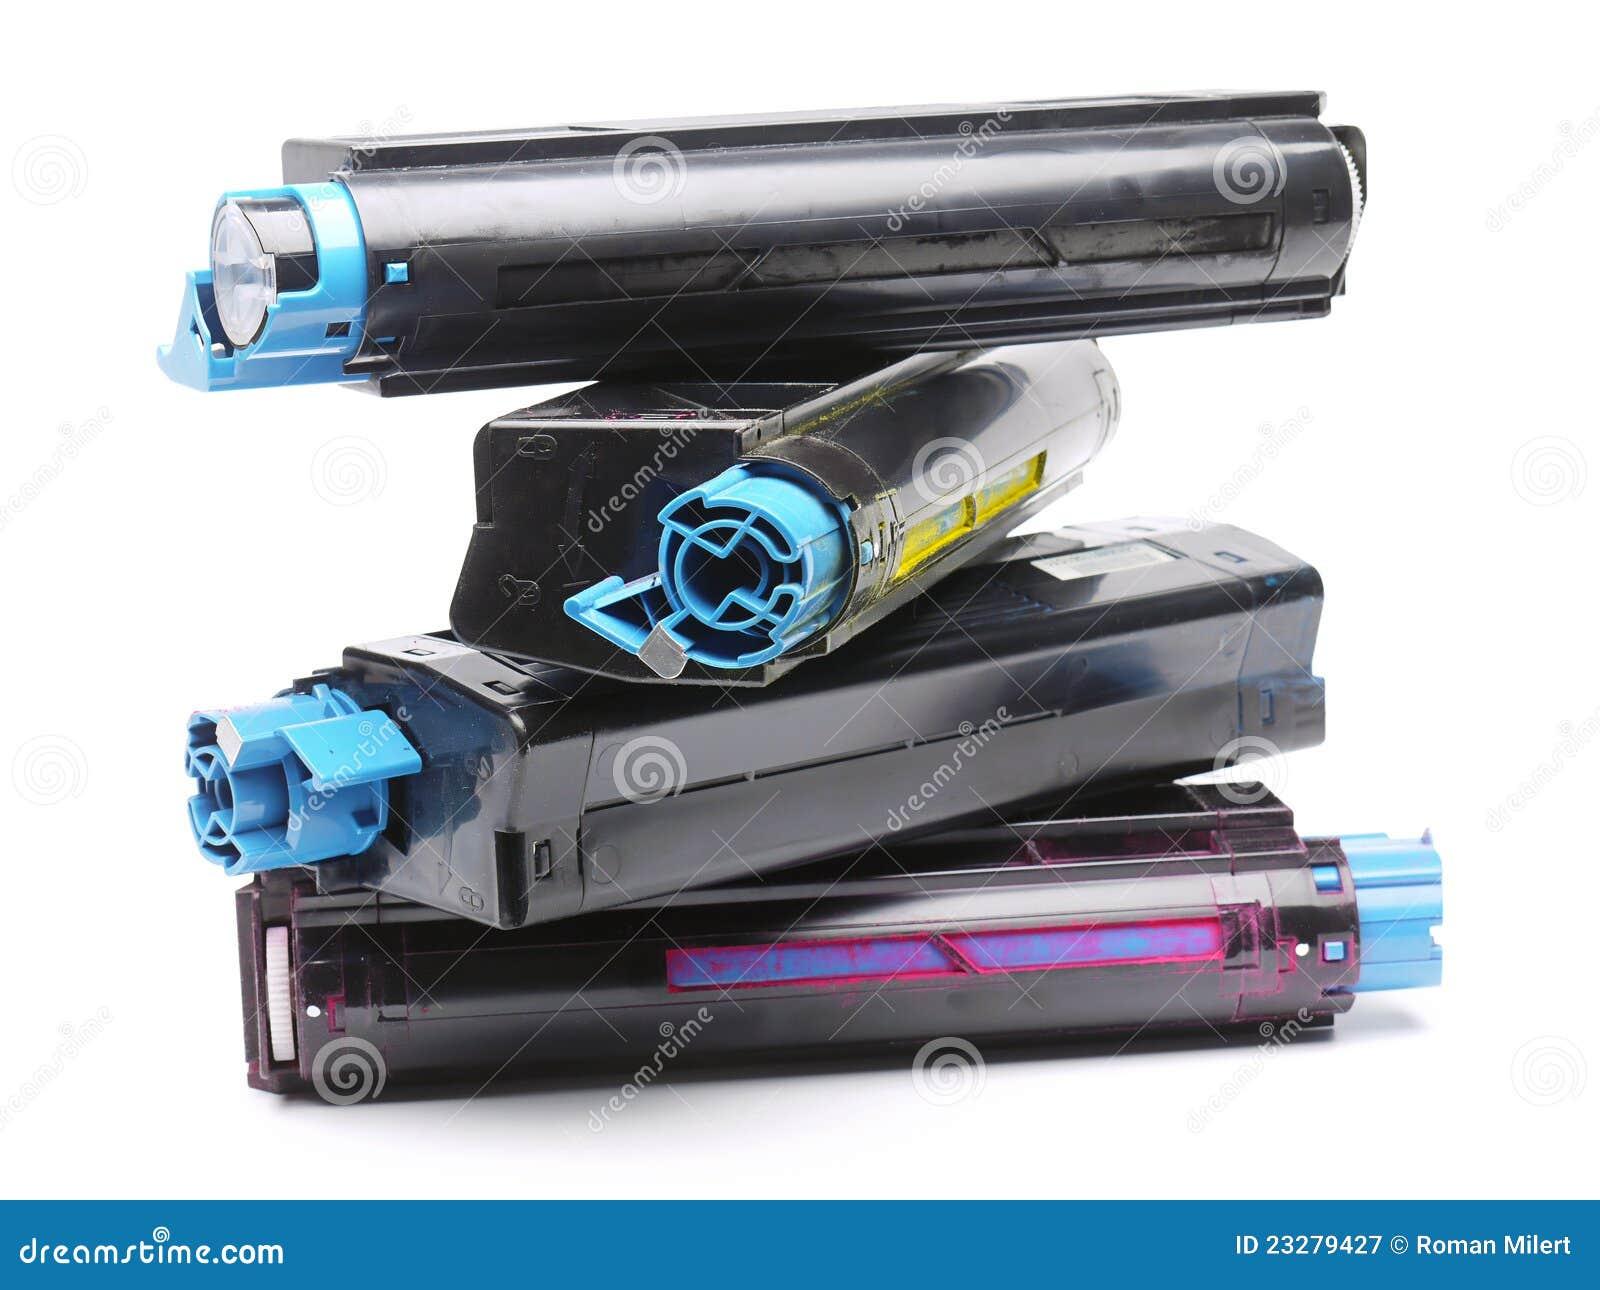 four color laser printer toner cartridges stock image. Black Bedroom Furniture Sets. Home Design Ideas